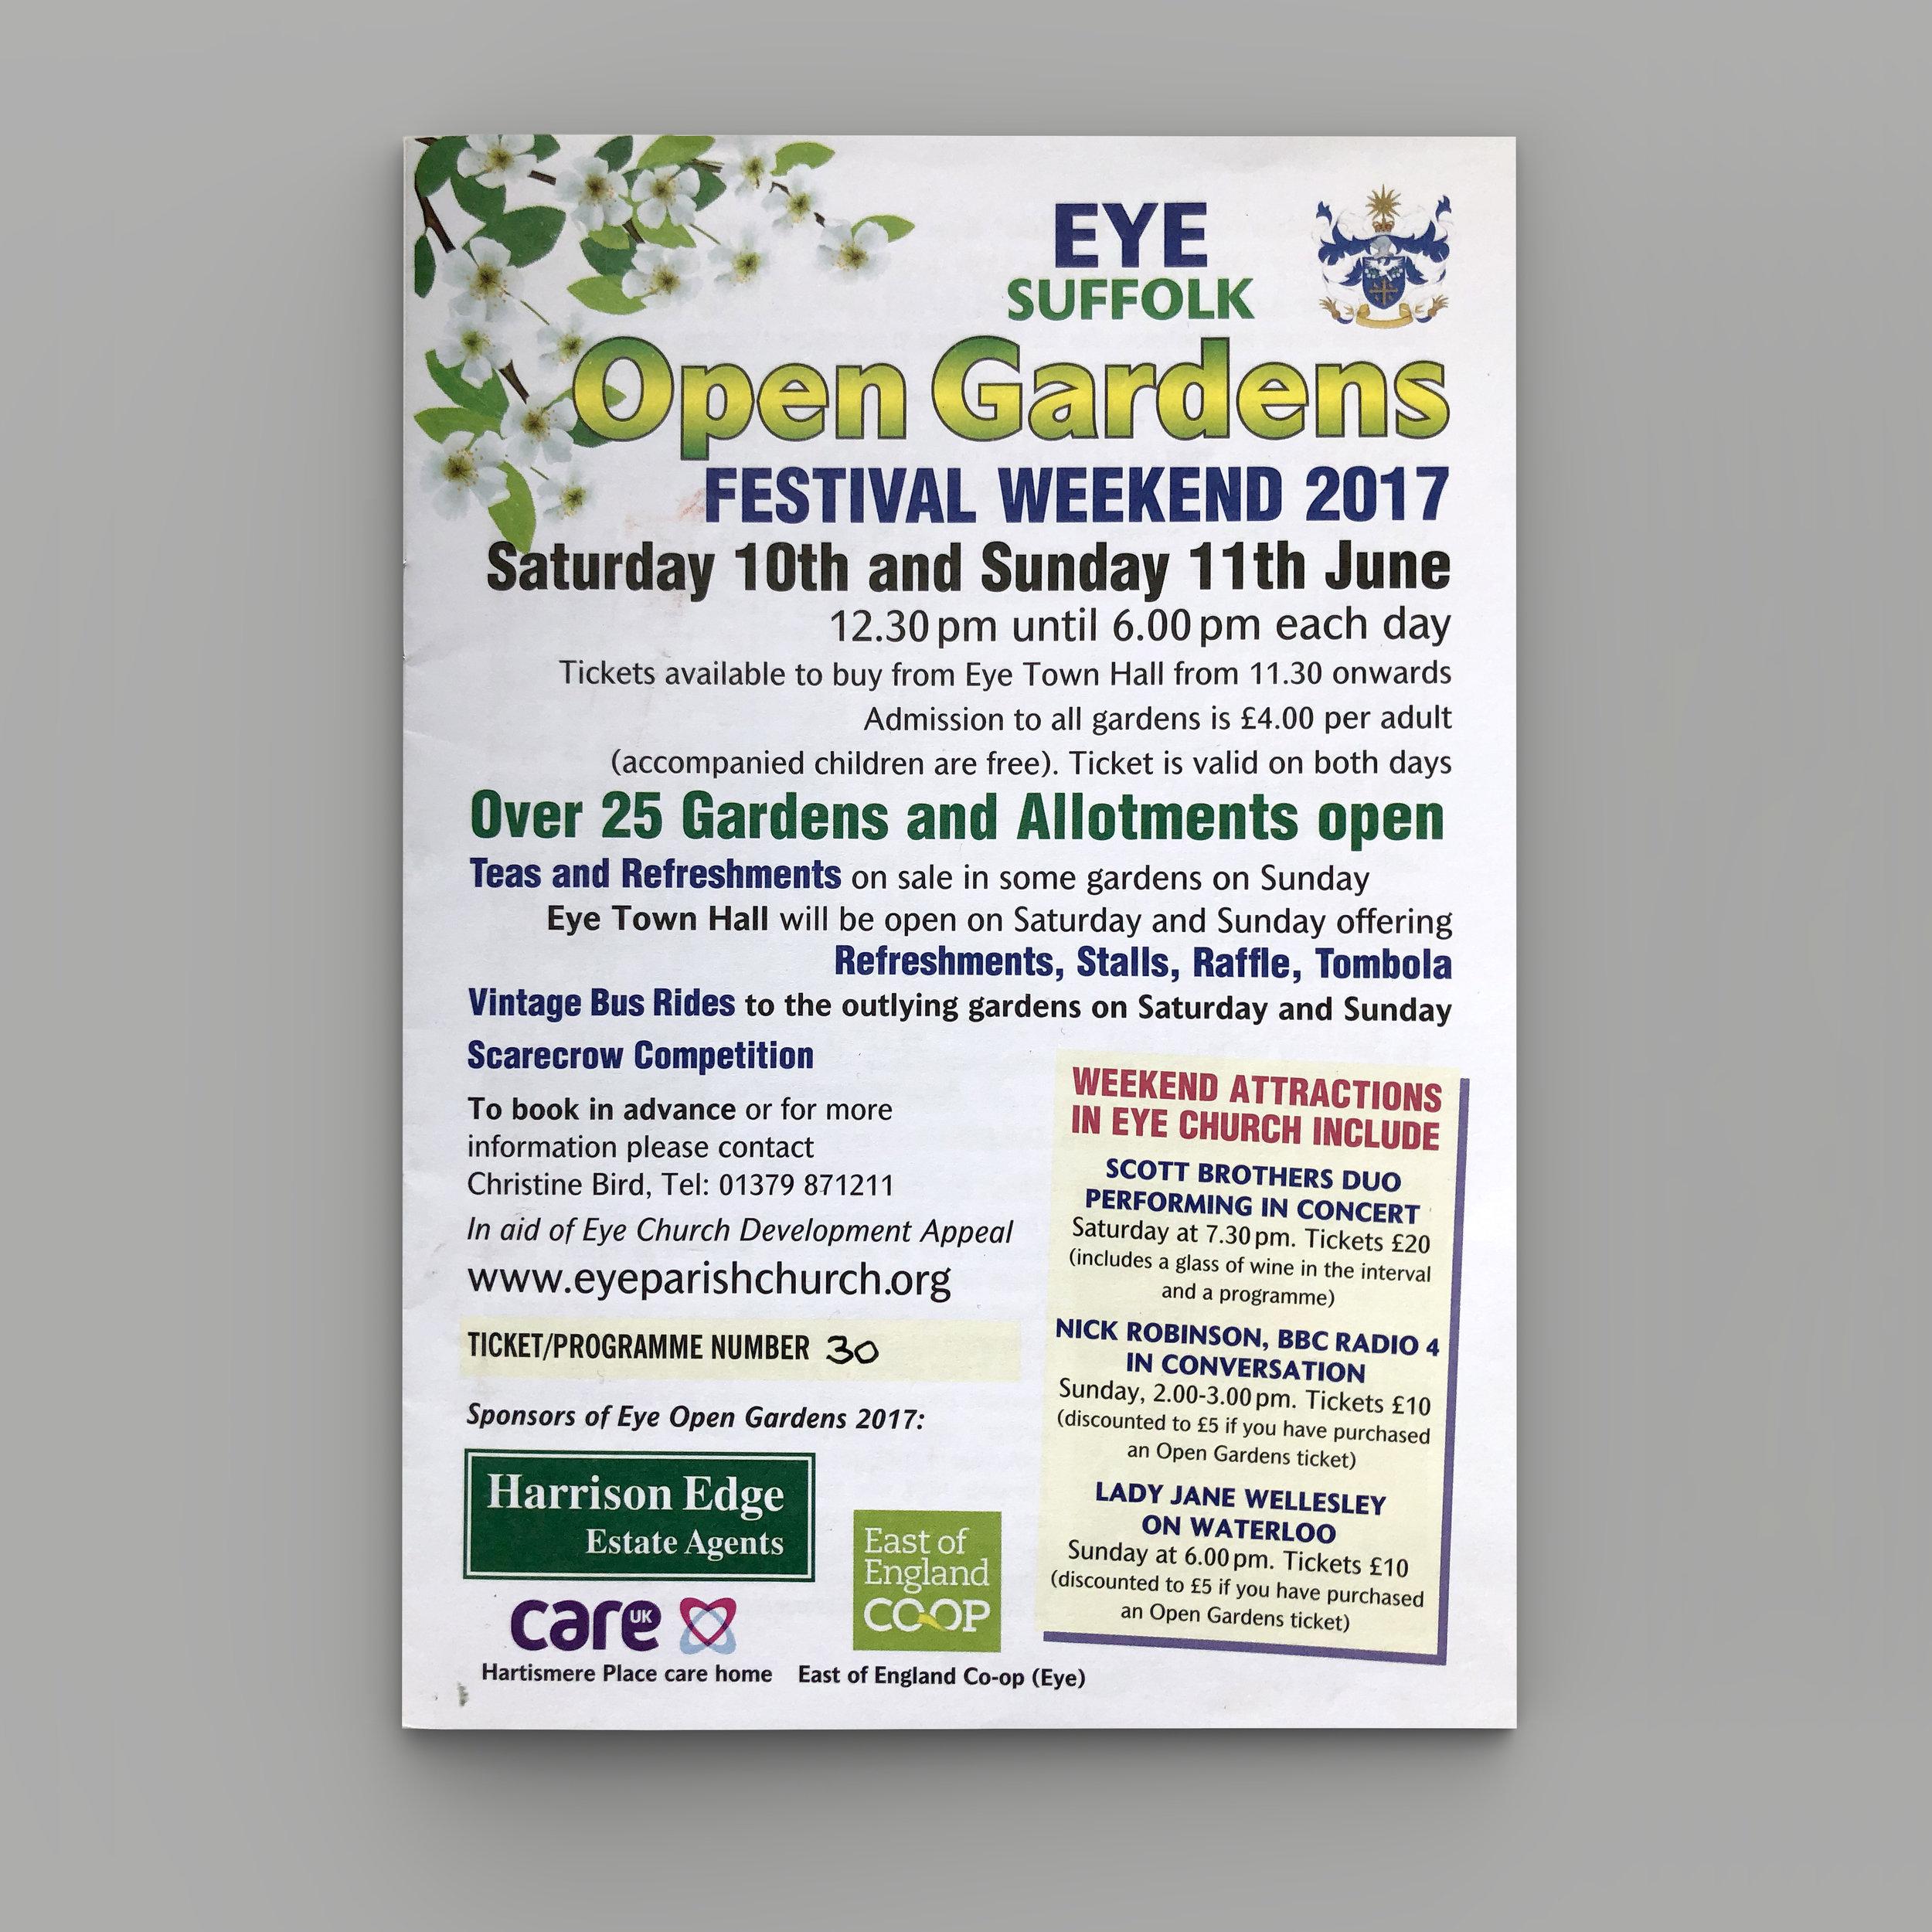 Eye-Open-Gardens-Cover-2017.jpg